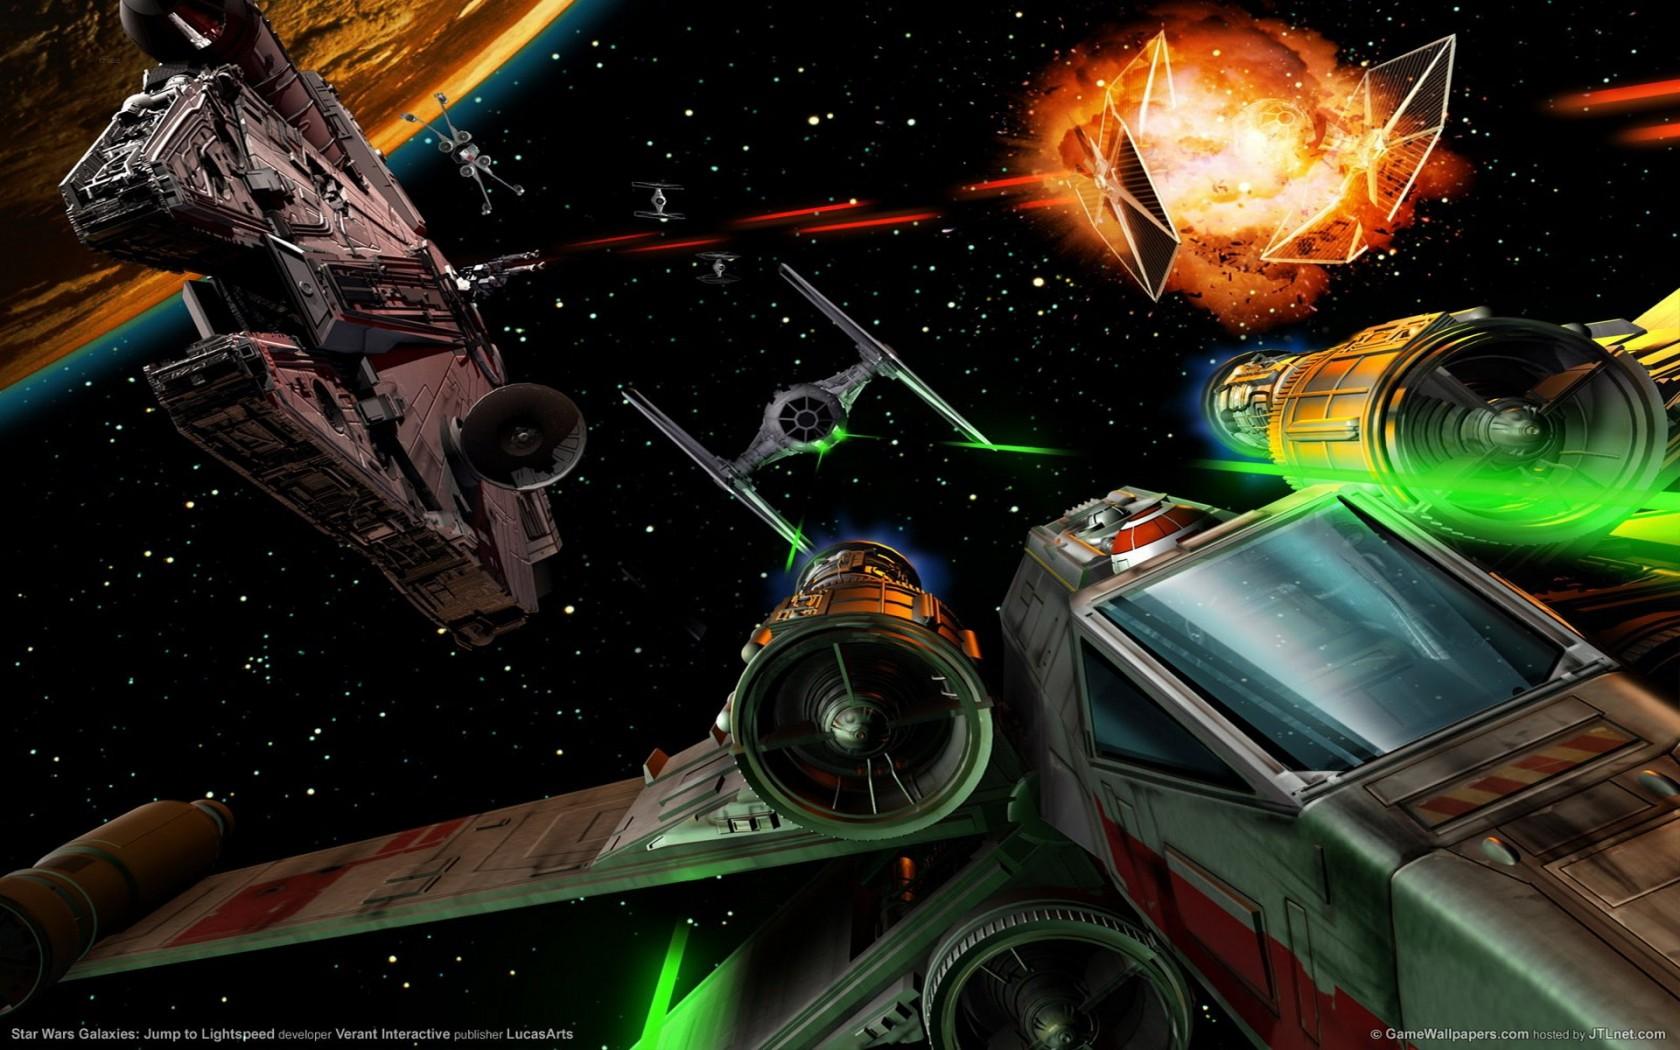 Star Wars Millennium Falcon Space Ship Combat Action